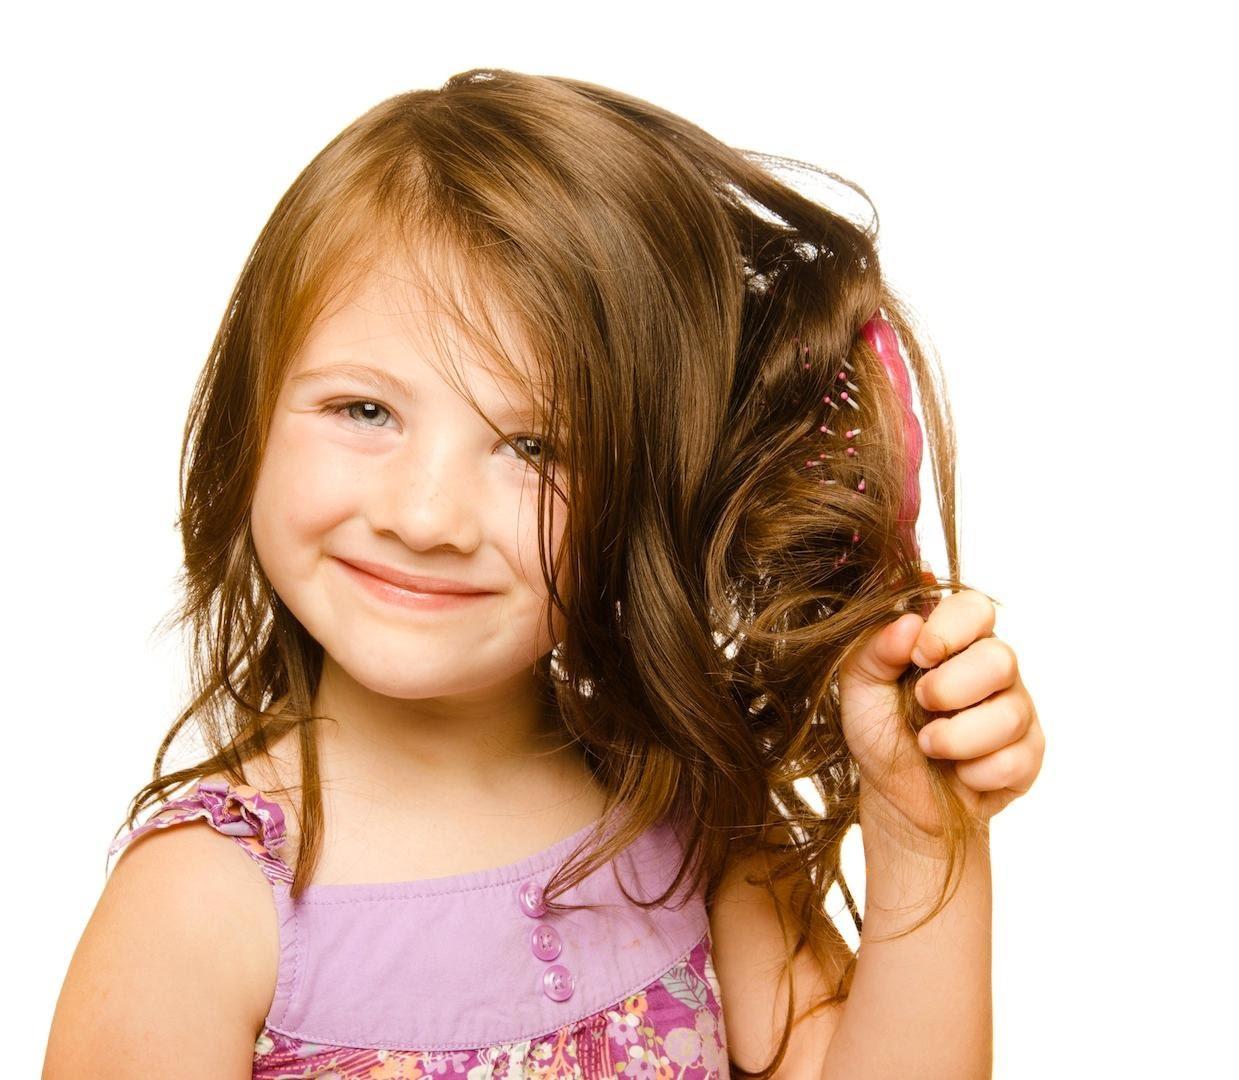 بالصور زيت لتنعيم الشعر للاطفال 20160716 452